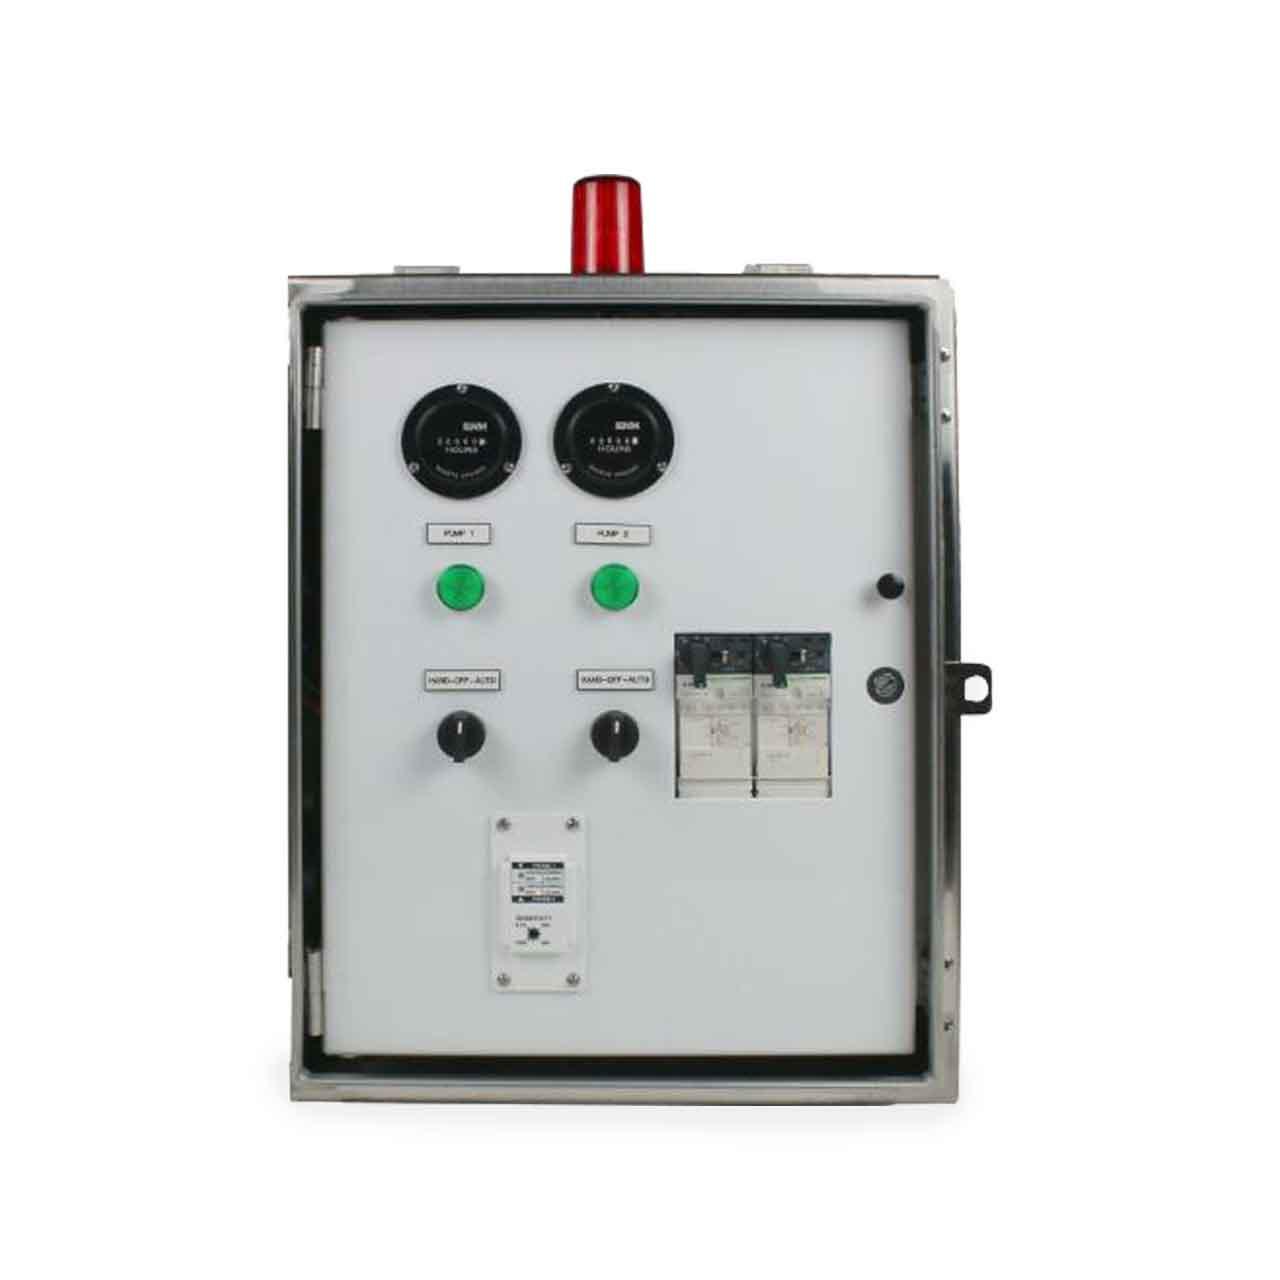 hight resolution of sje rhombus sje rhombus model 32s 3 phase duplex motor contactor control panel cp sje10